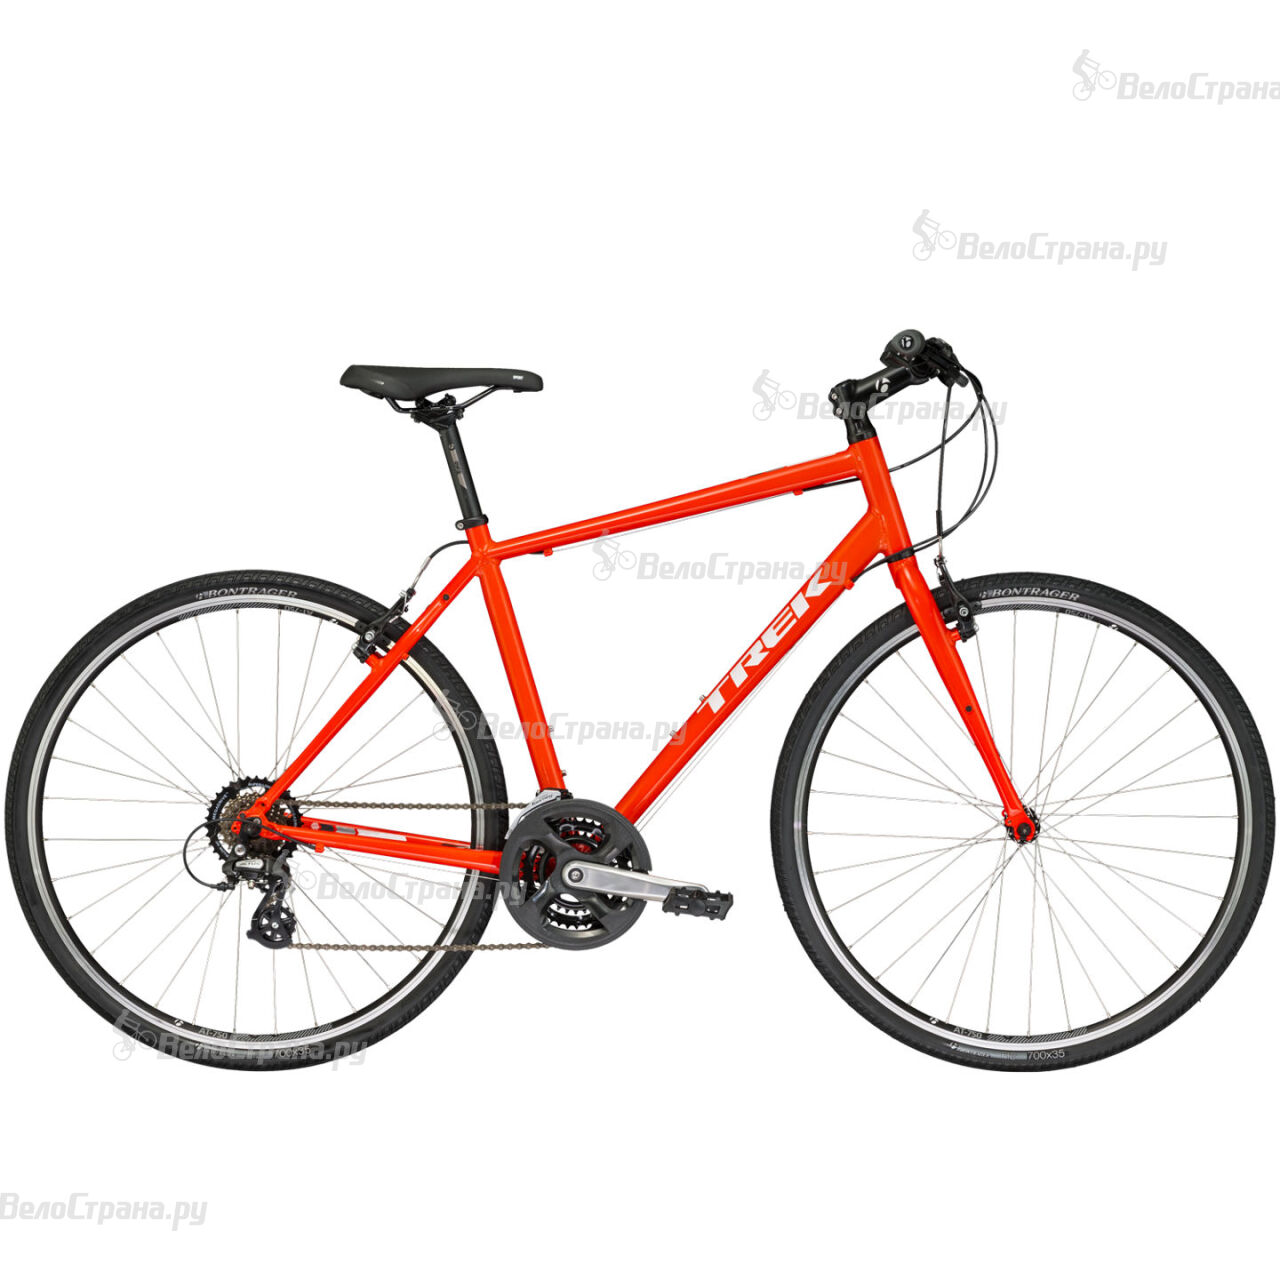 Велосипед Trek FX 1 (2017) велосипед trek fx stagger 2017